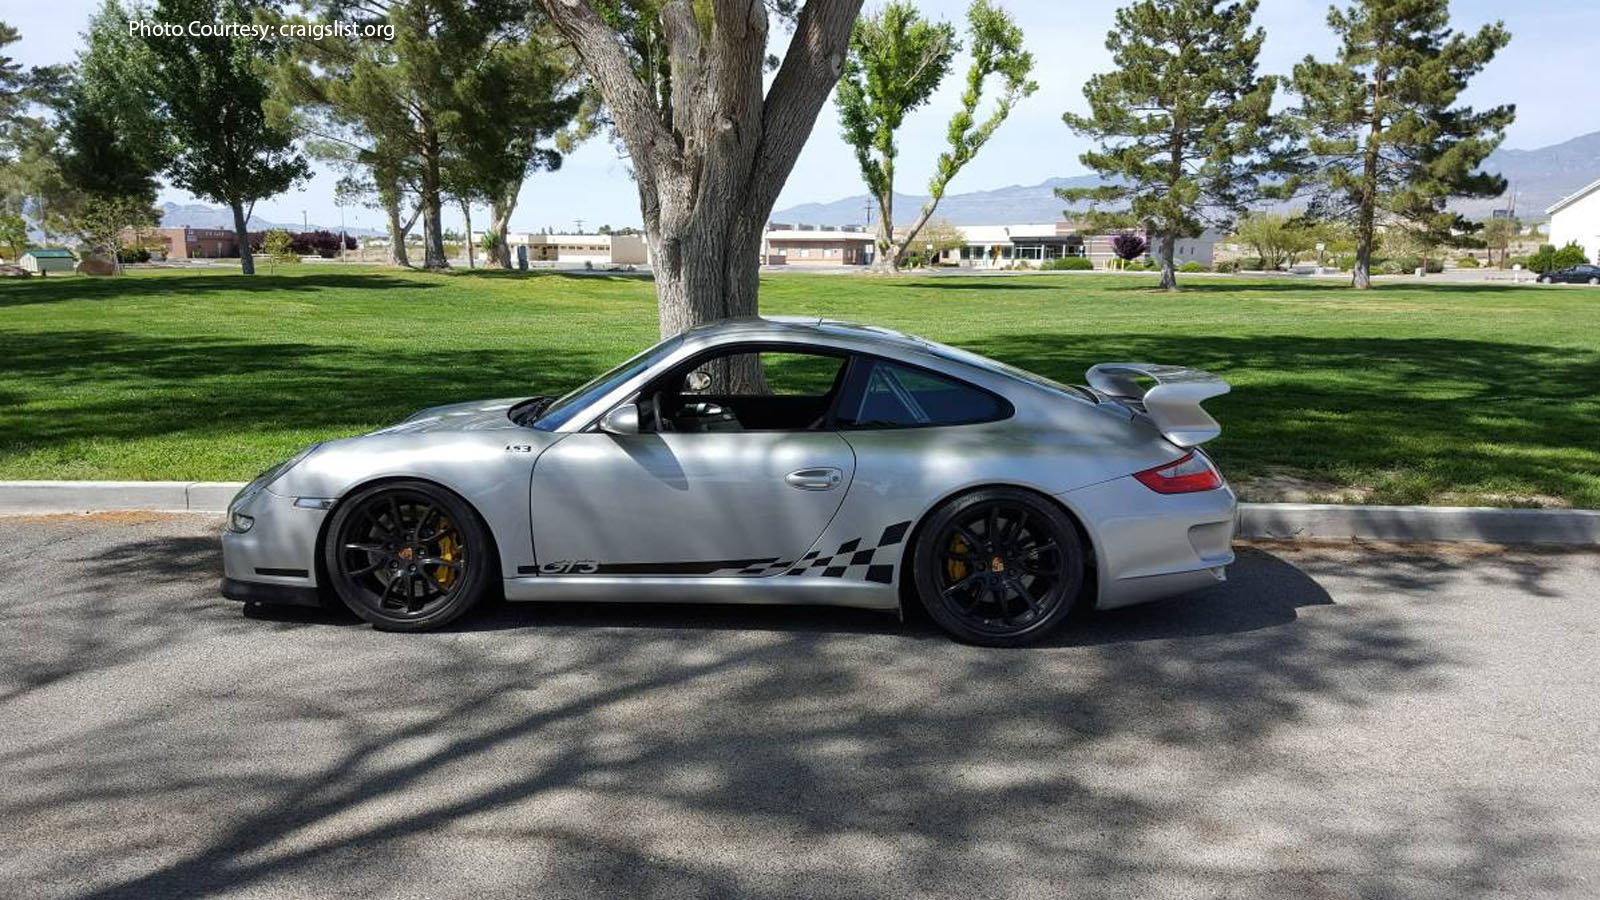 LS Swapped Porsche 911 GT3 Found on CraigsList (photos